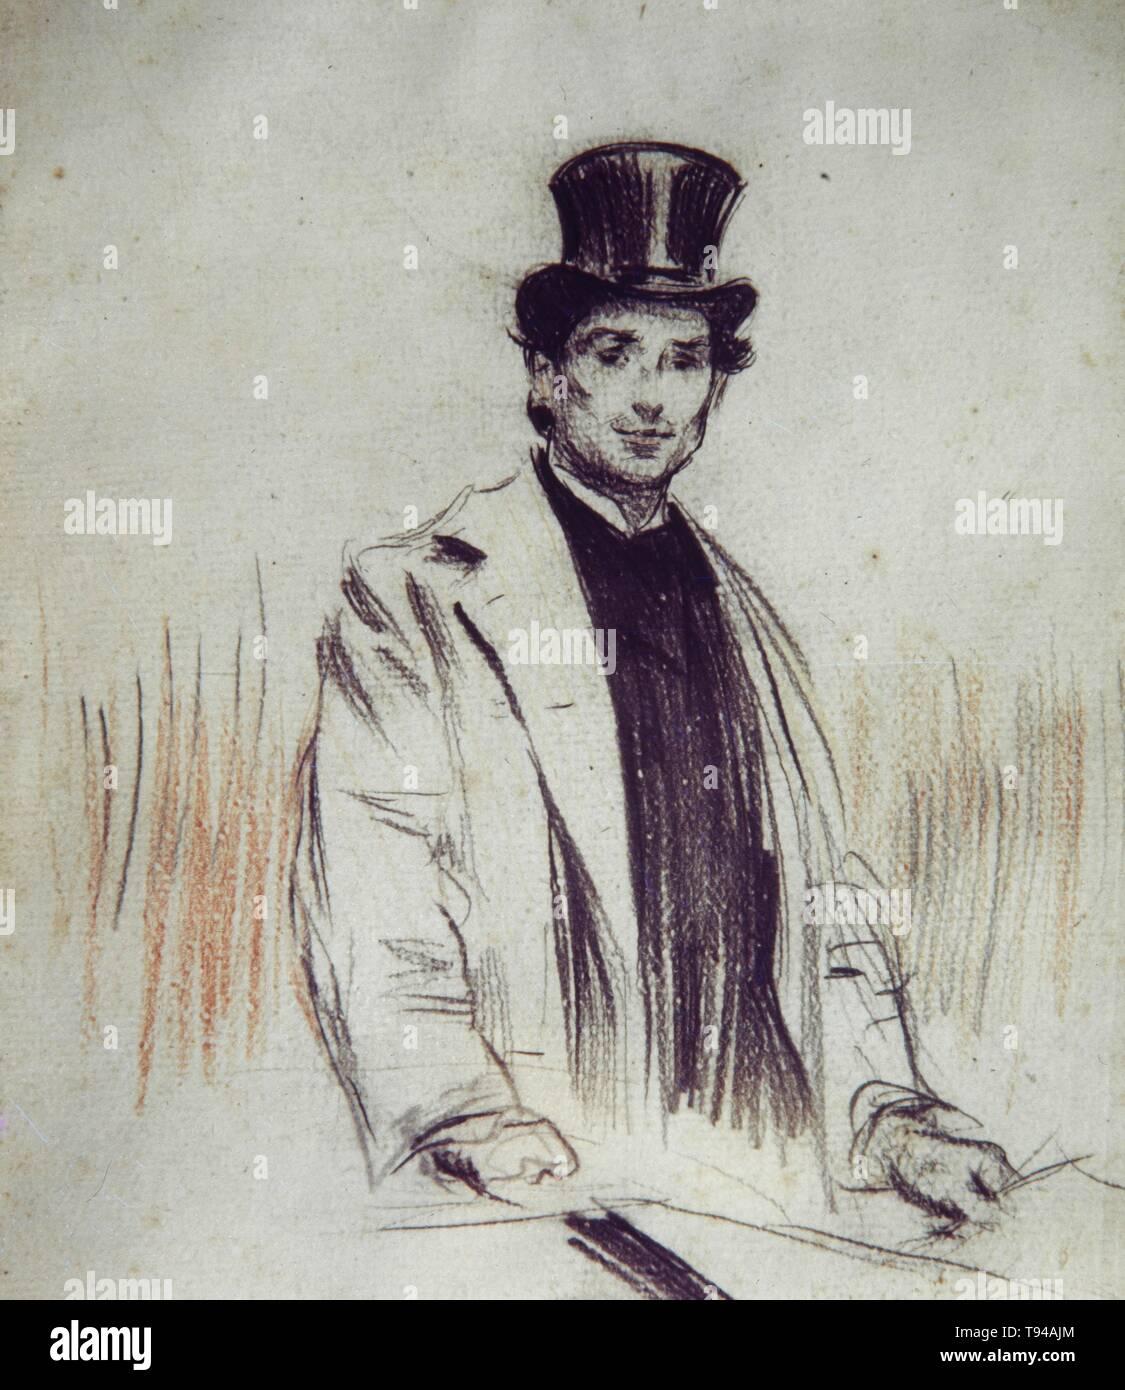 Ramon Casas / 'Retrato de Pompeu Fabra', 1911, Lápiz y pastel sobre papel, 27,7 x 21,6 cm. - Stock Image